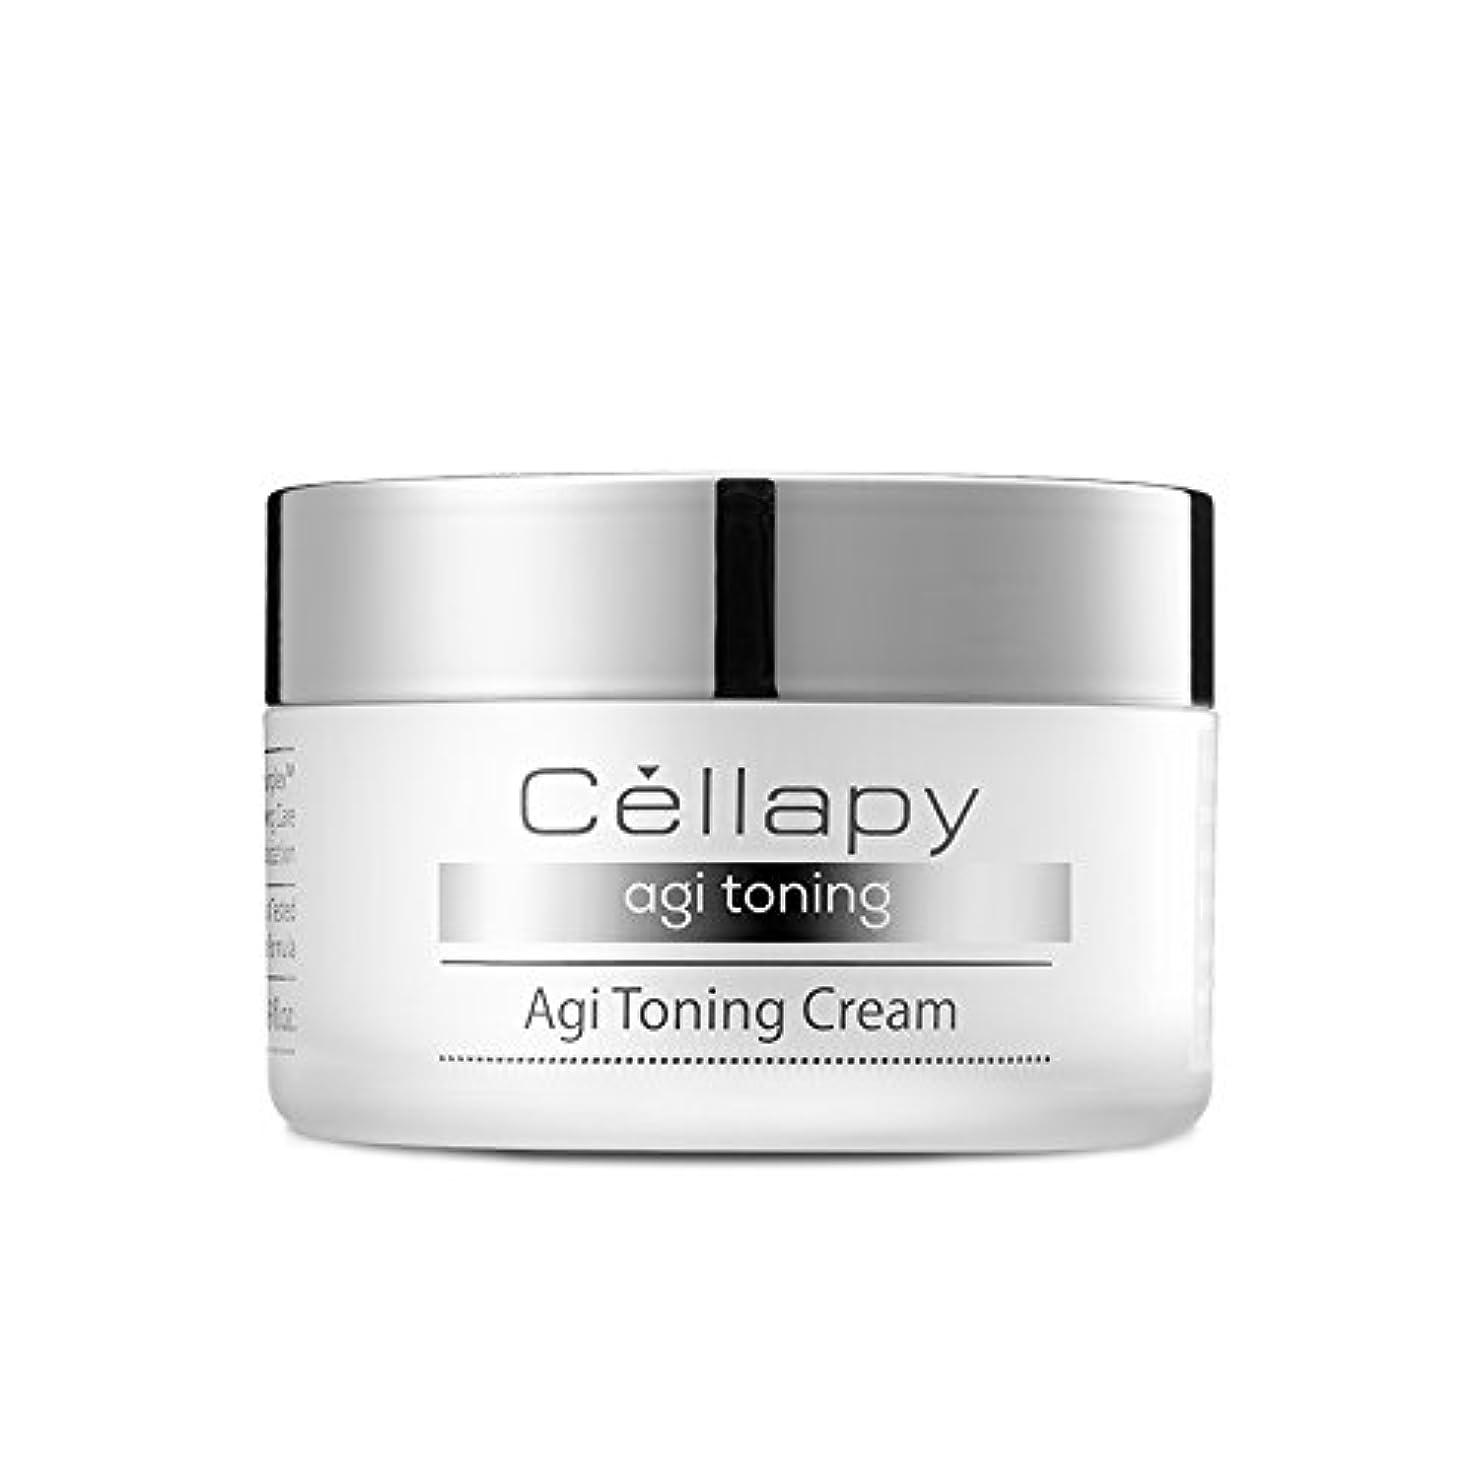 ヘロイン欠陥年金CELLAPY阿木トーニングクリーム50ml (CELLAPY Agi Toning Cream 50ml) [並行輸入品]